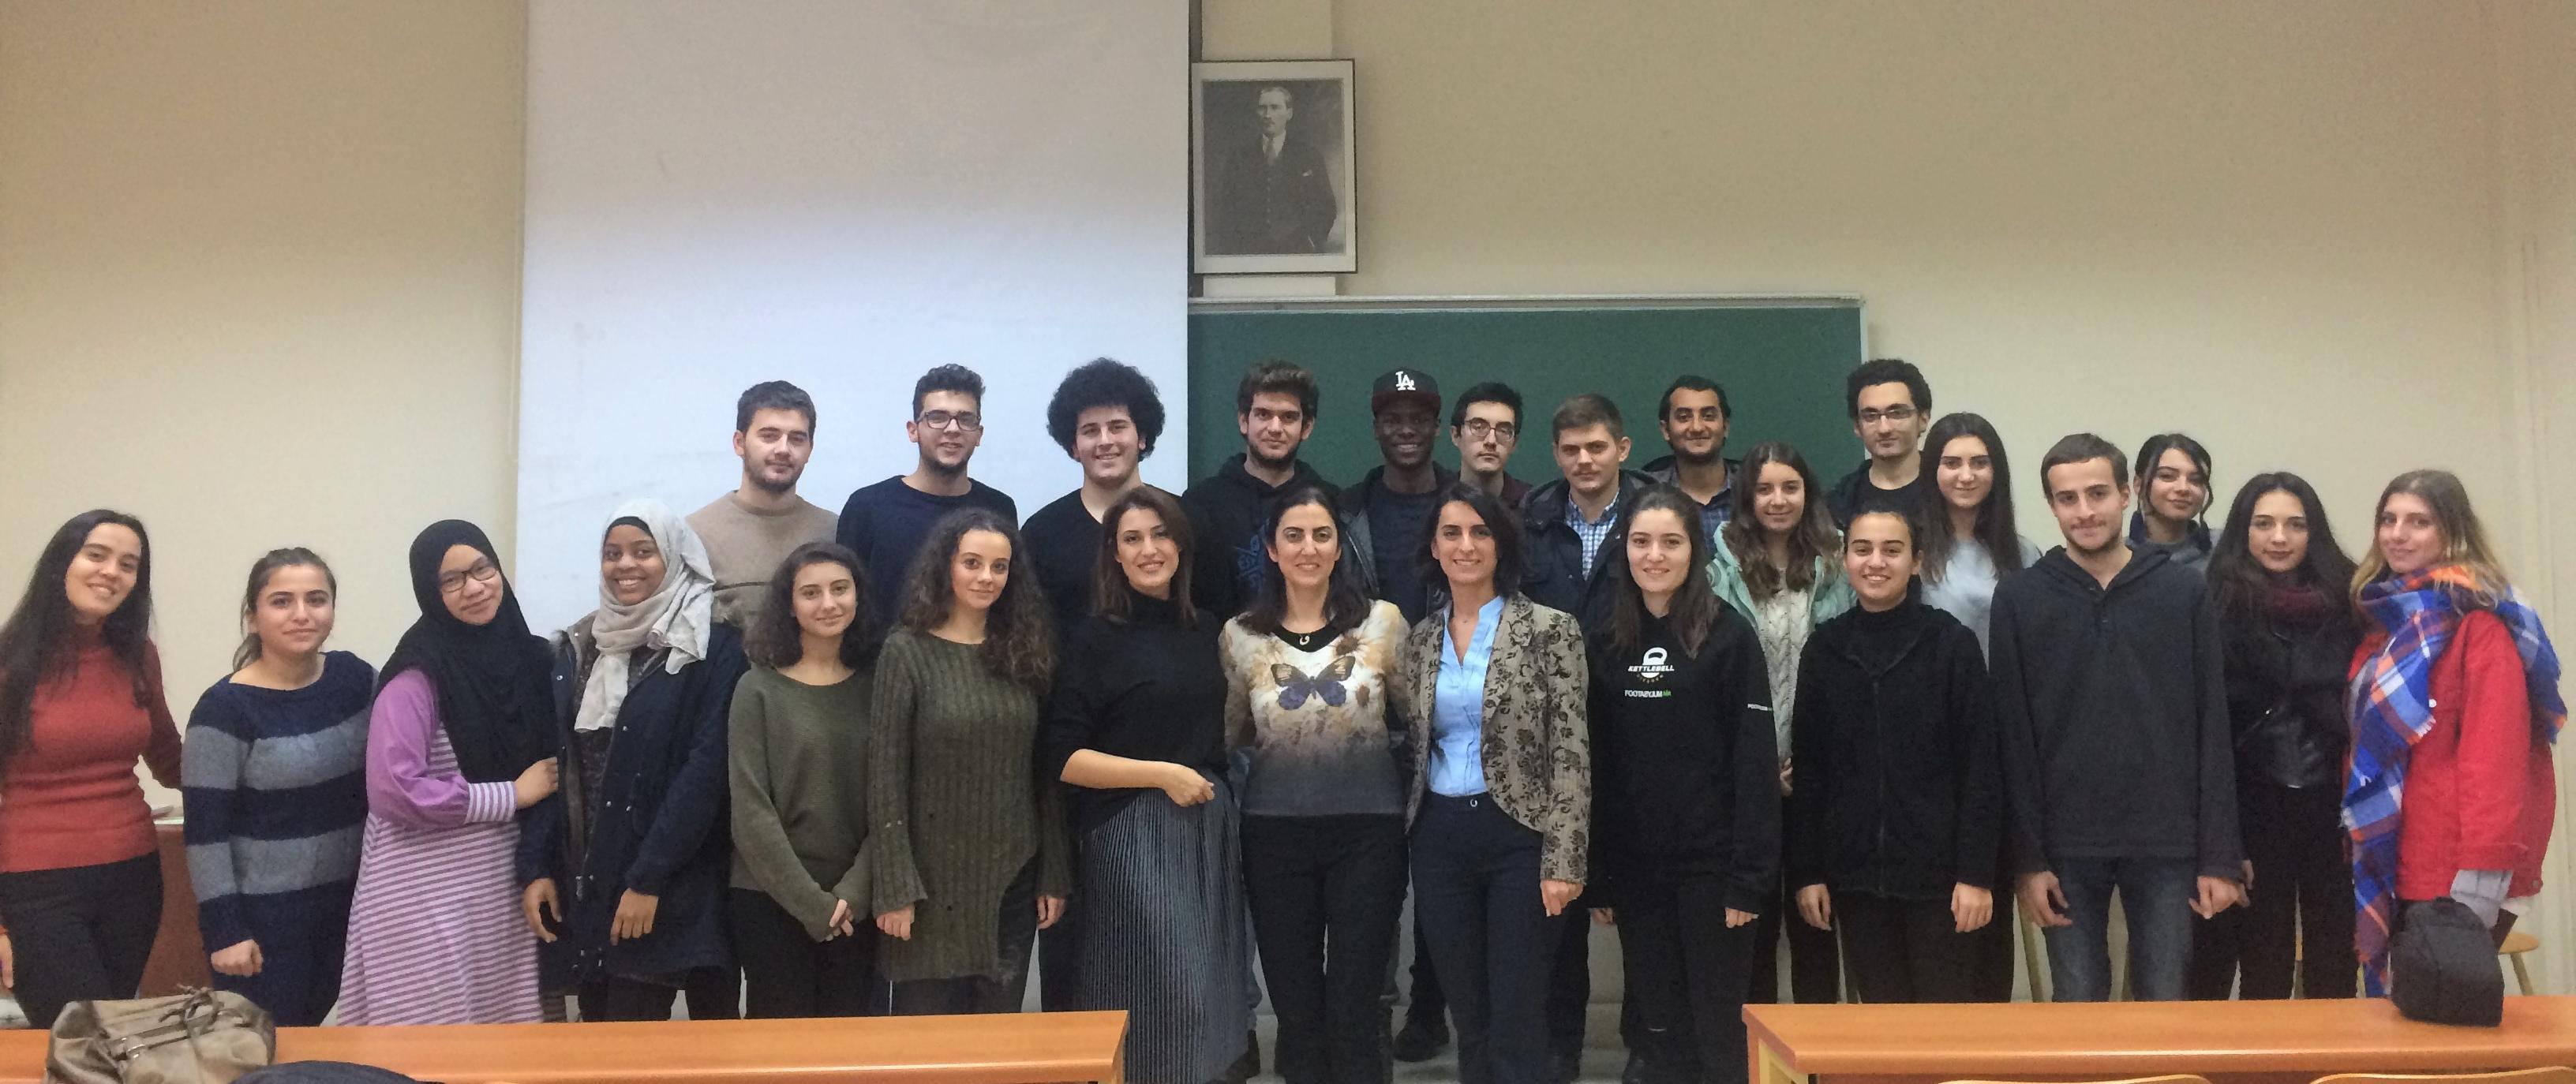 İstanbul Üniversitesi Kimya Mühendisliği Bölümü Öğrencileri İle Bir Araya Geldik